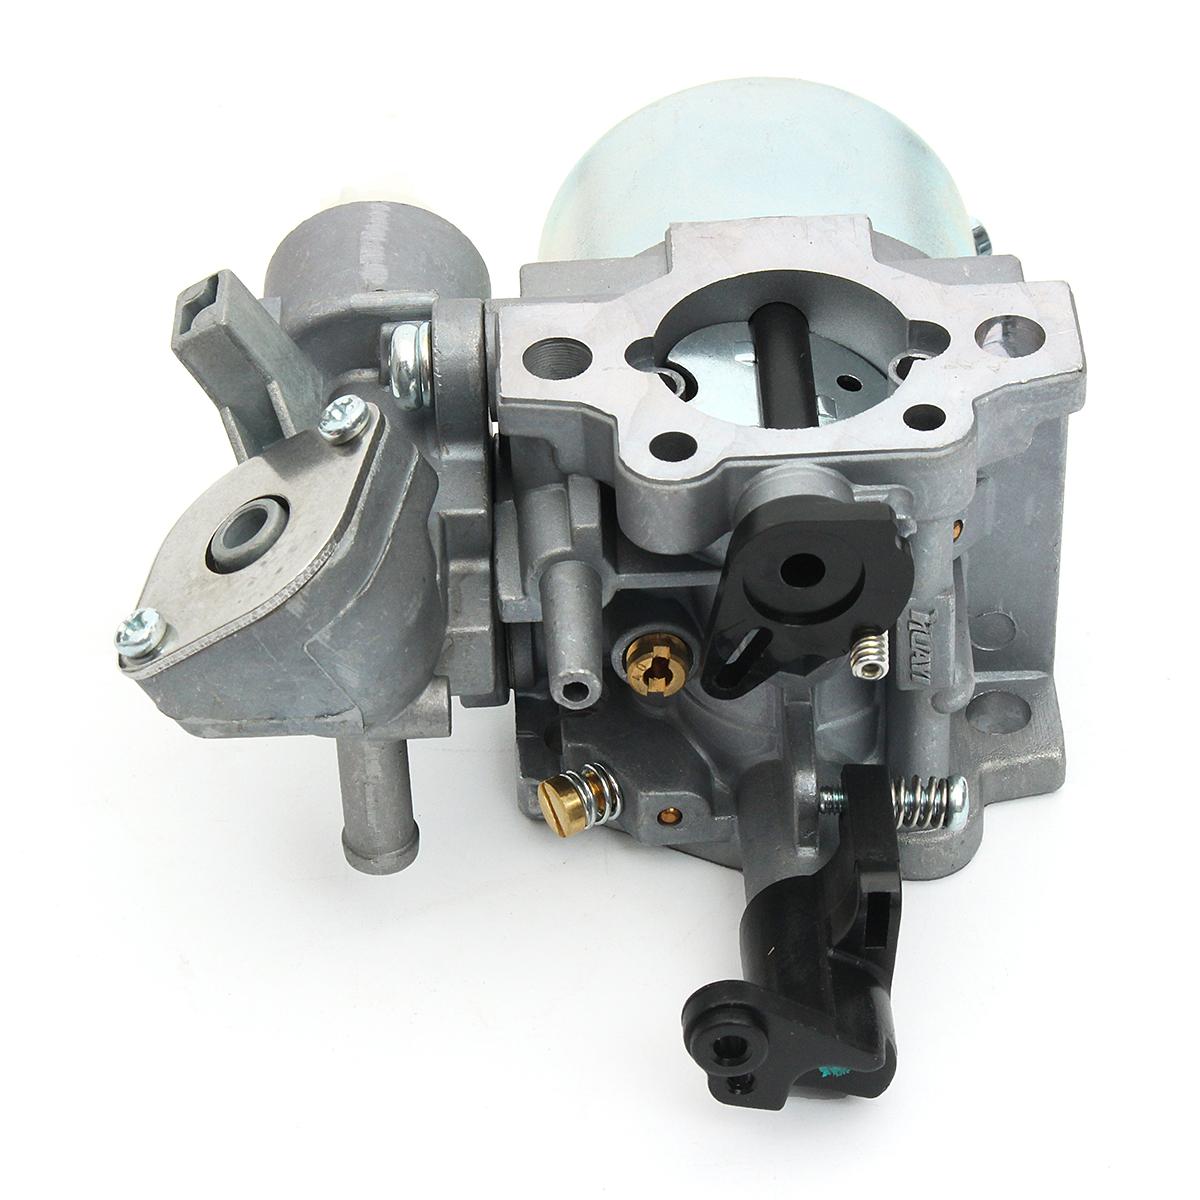 Карбюратор Carb W / Прокладки для Subaru Robin EX17 EX 17 Двигатель Мотор 277-62301-50 - фото 5